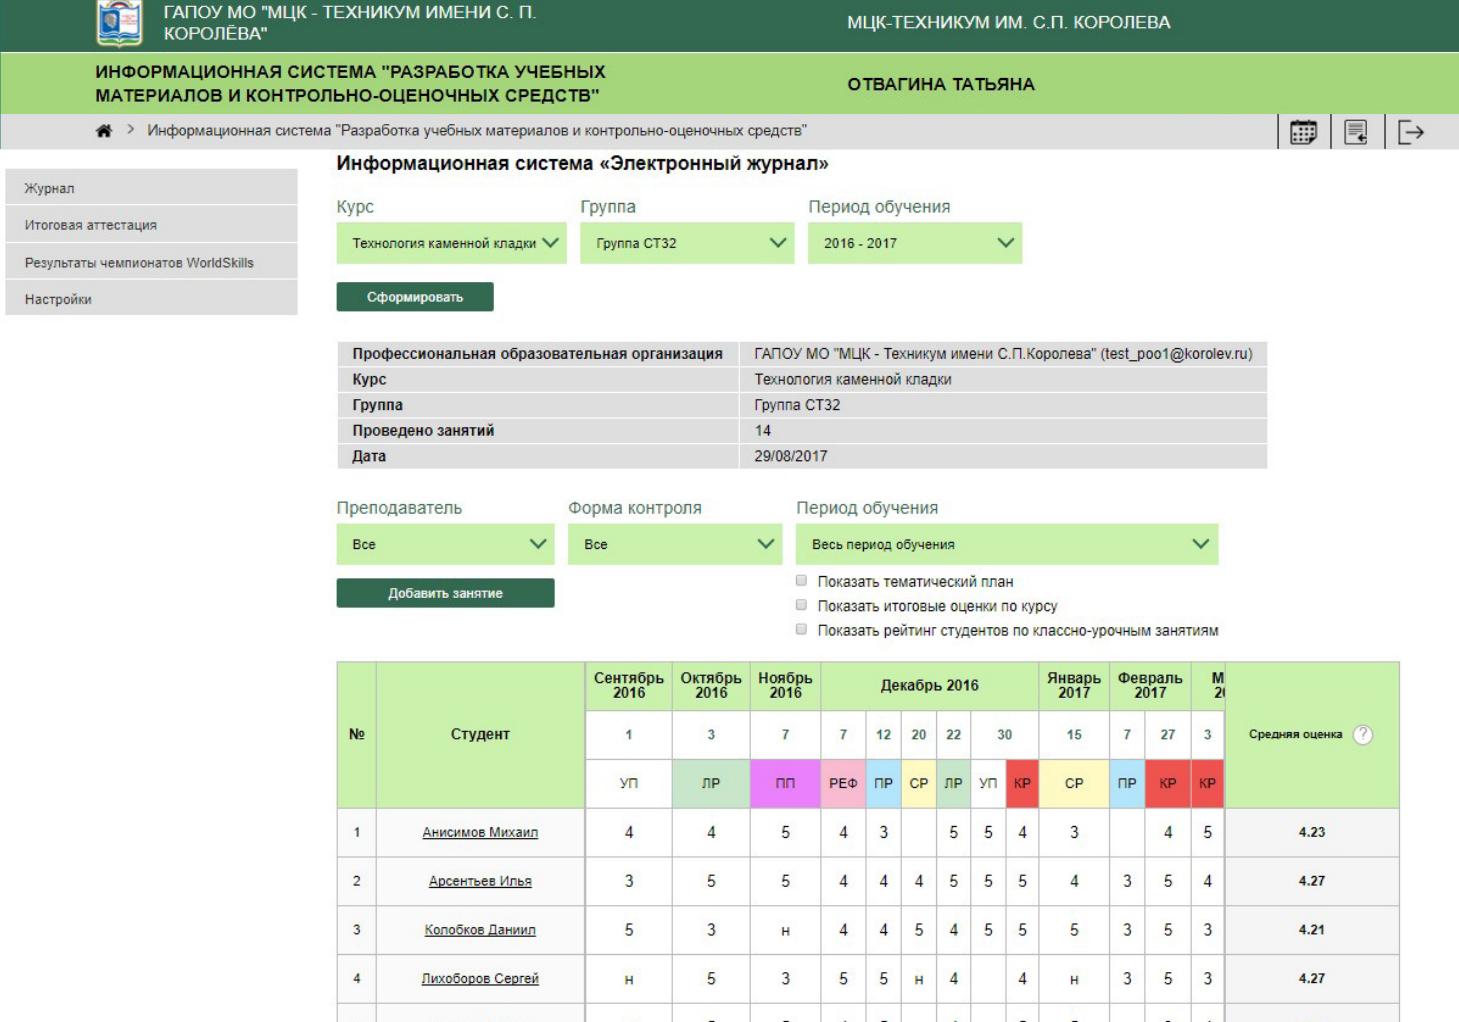 Работа с электронным журналом в программном обеспечении для e-Learning Academia-Media